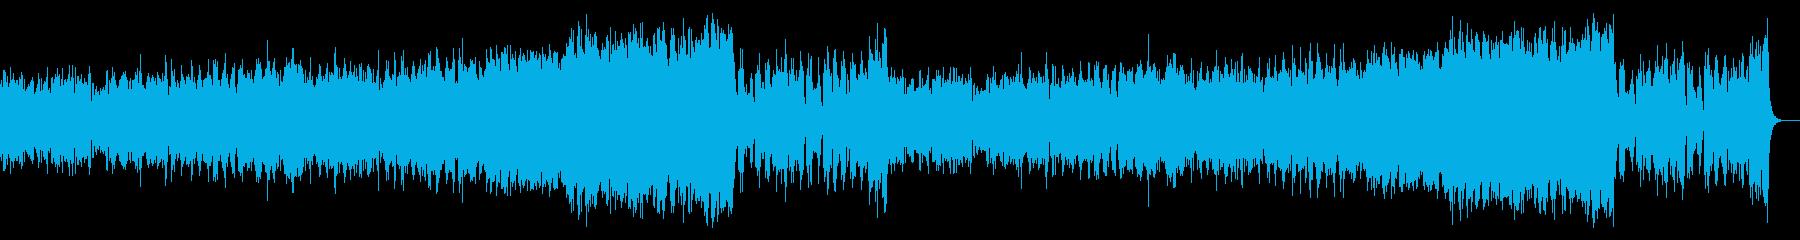 フルオーケストラ。RPGオープニング風2の再生済みの波形